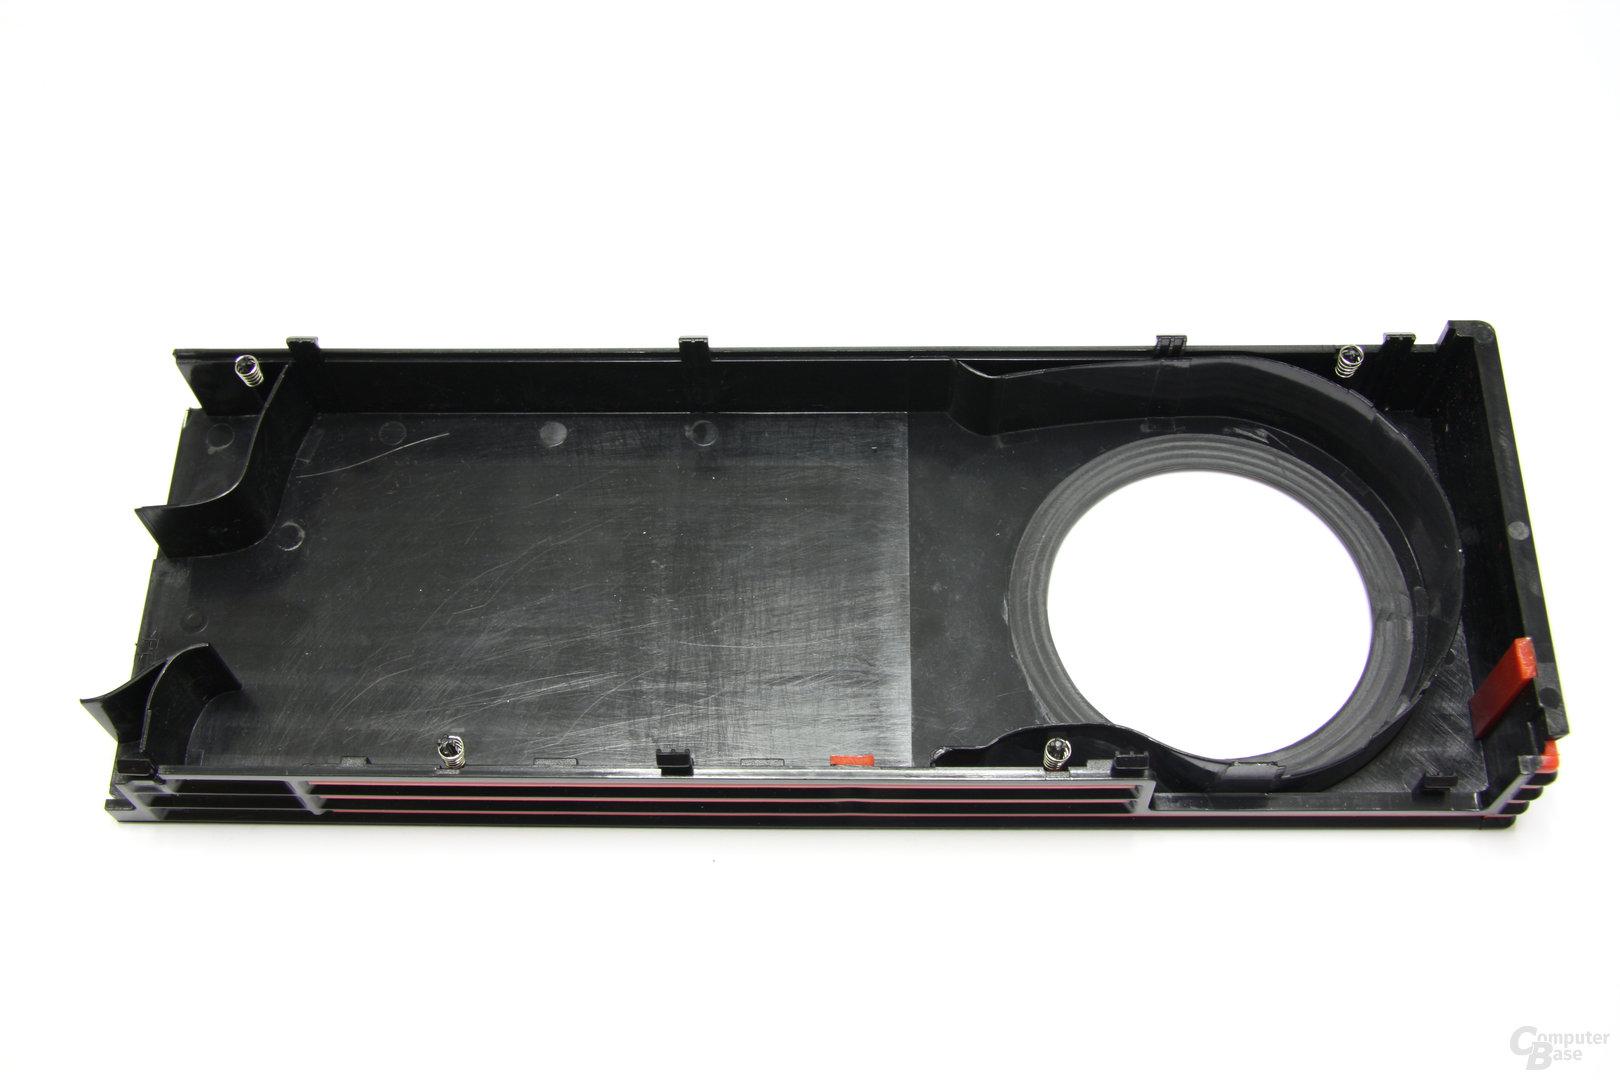 Radeon HD 6950 1GB Kühlerabdeckungsrückseite